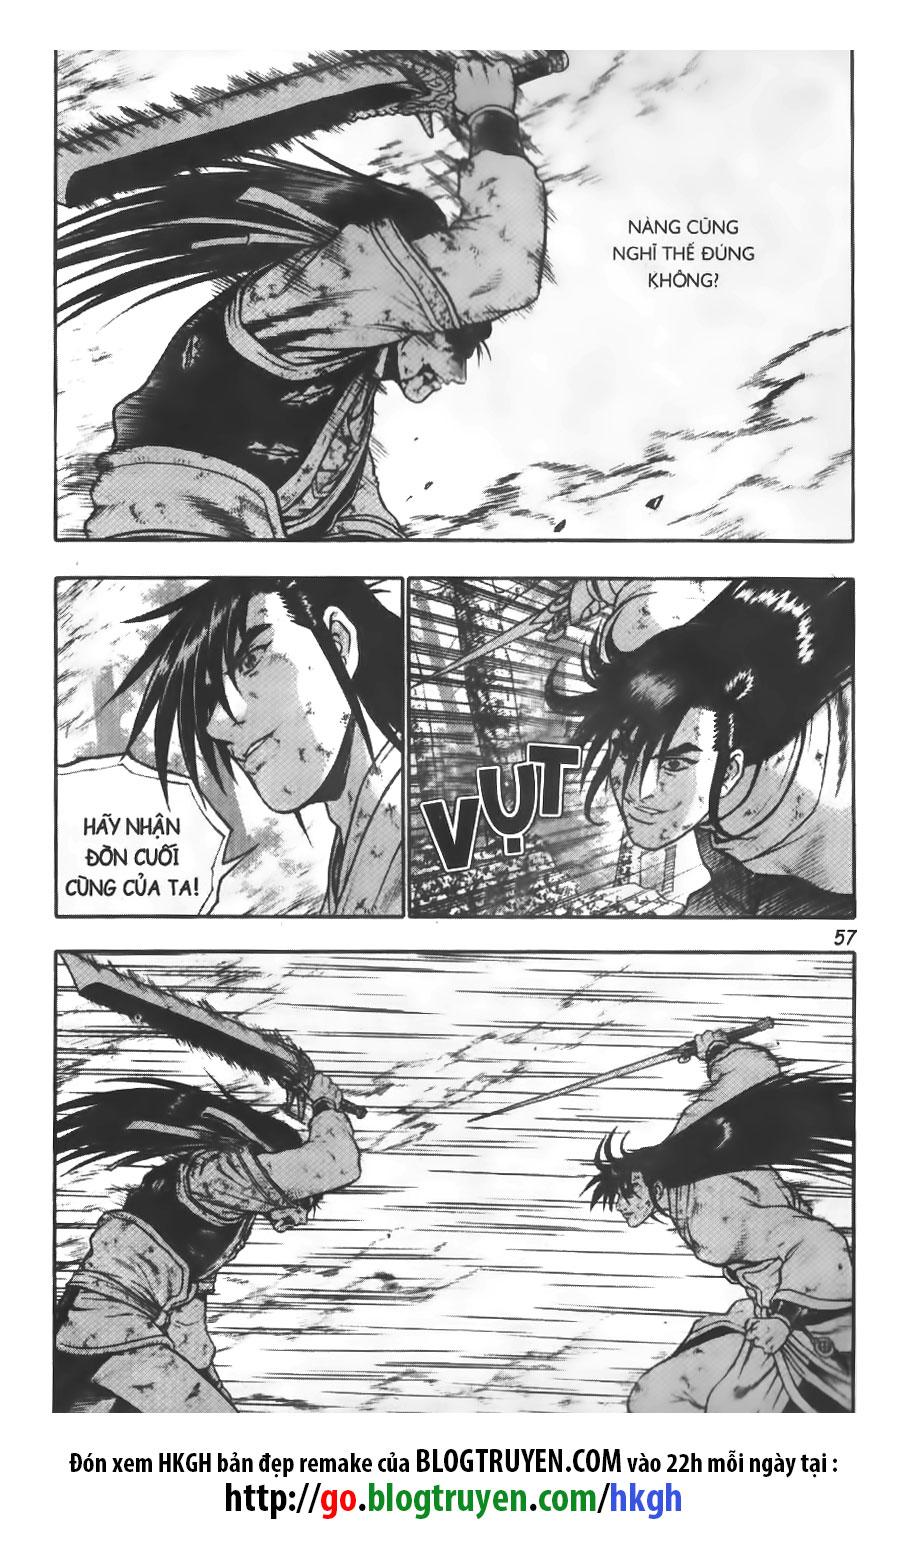 xem truyen moi - Hiệp Khách Giang Hồ Vol44 - Chap 303 - Remake